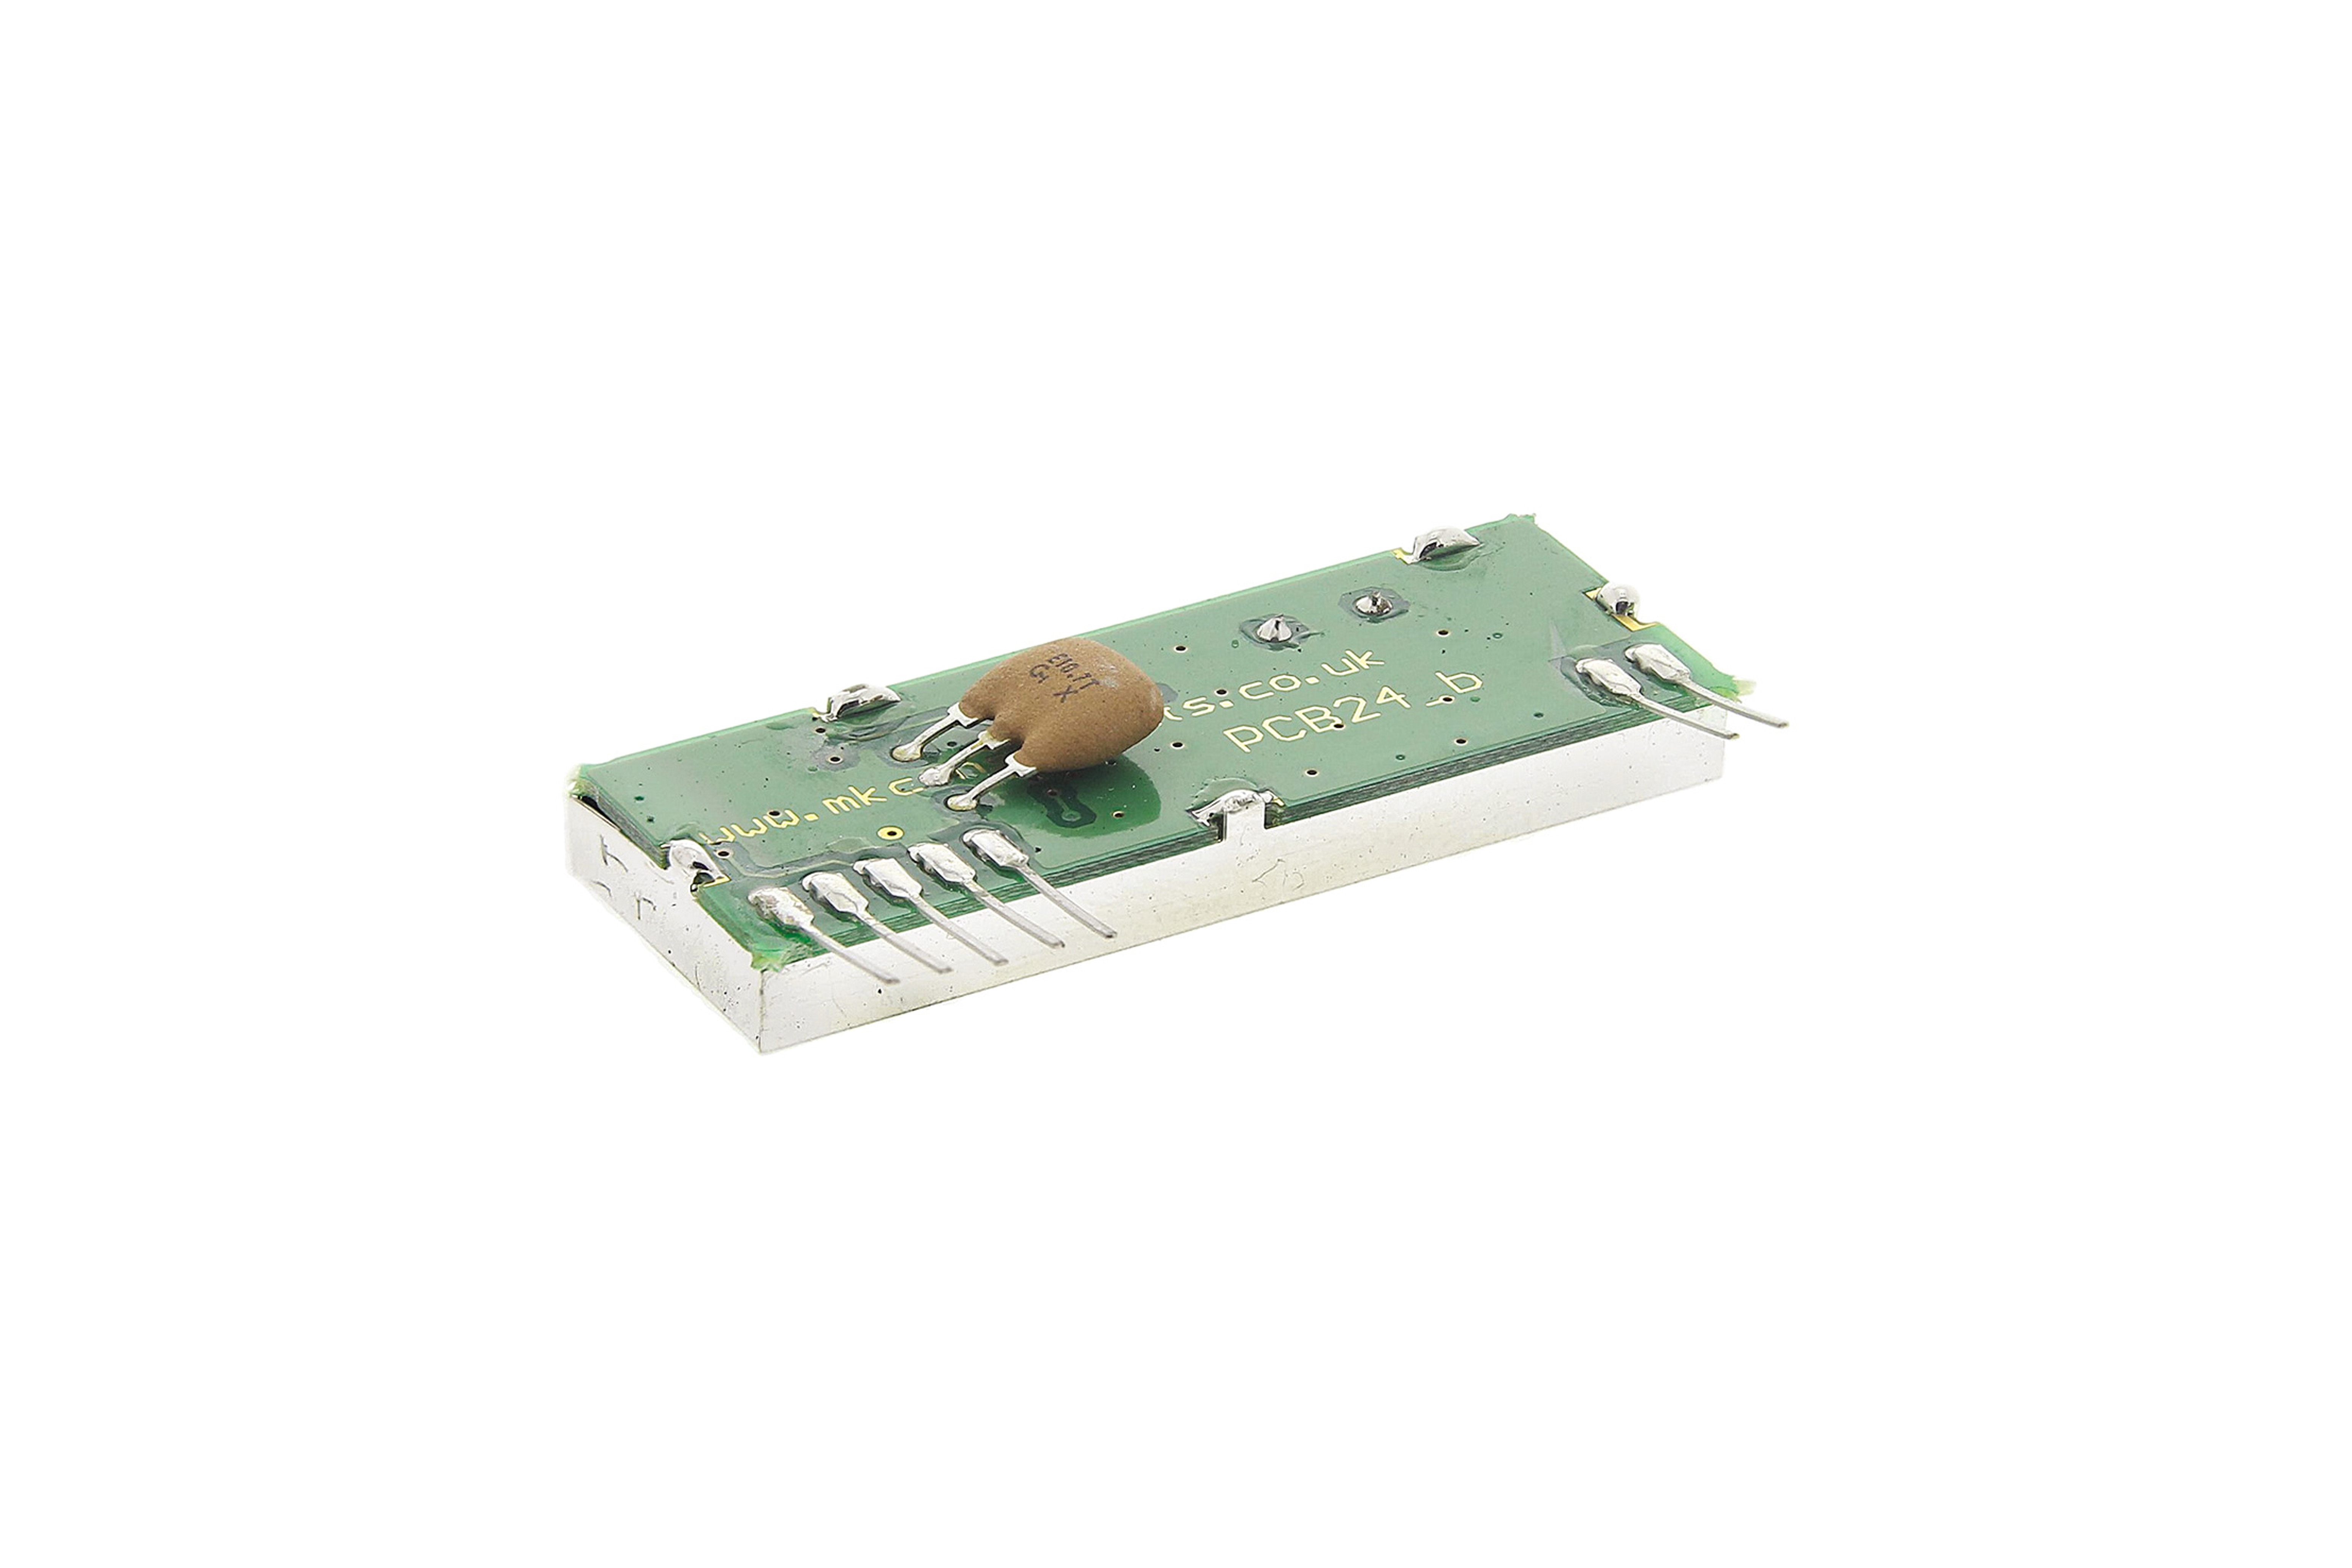 NBFM-Empfänger, 20 kB/s, 434.225 MHz, 1000 m